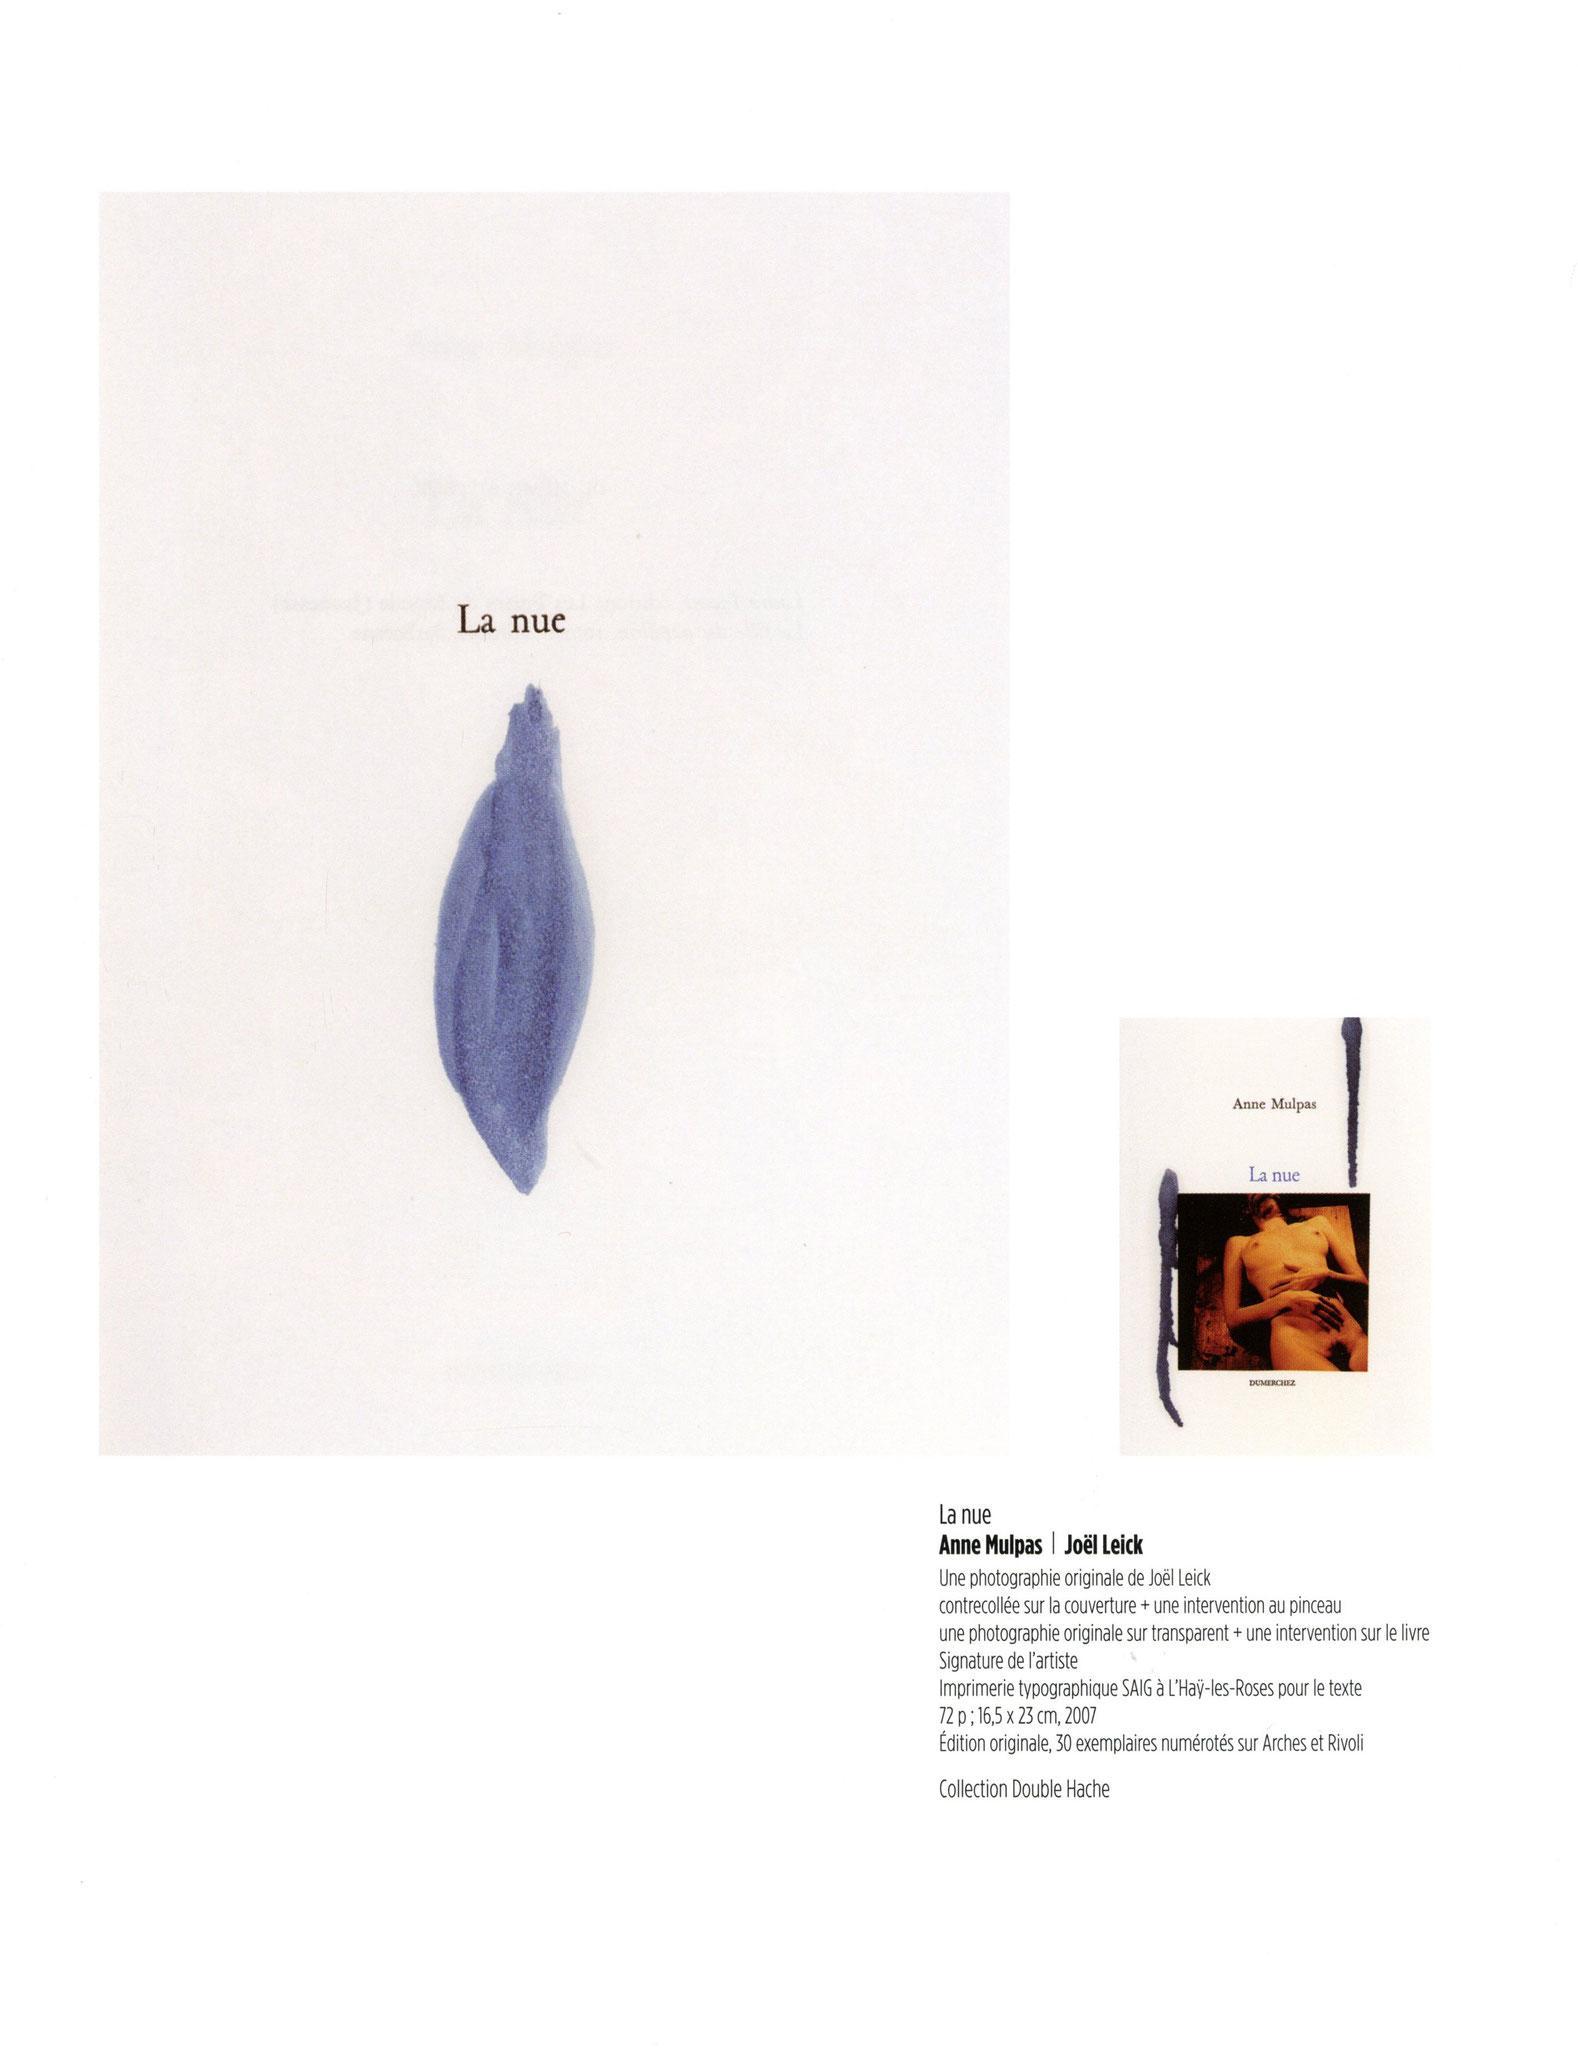 La nue - Anne Mulpas / Joël Leick